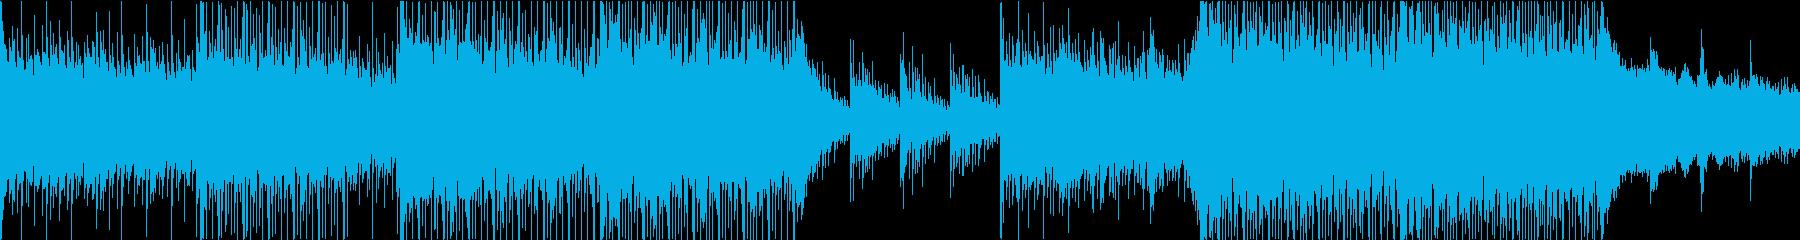 映像作品向きな爽快なBGM ループの再生済みの波形